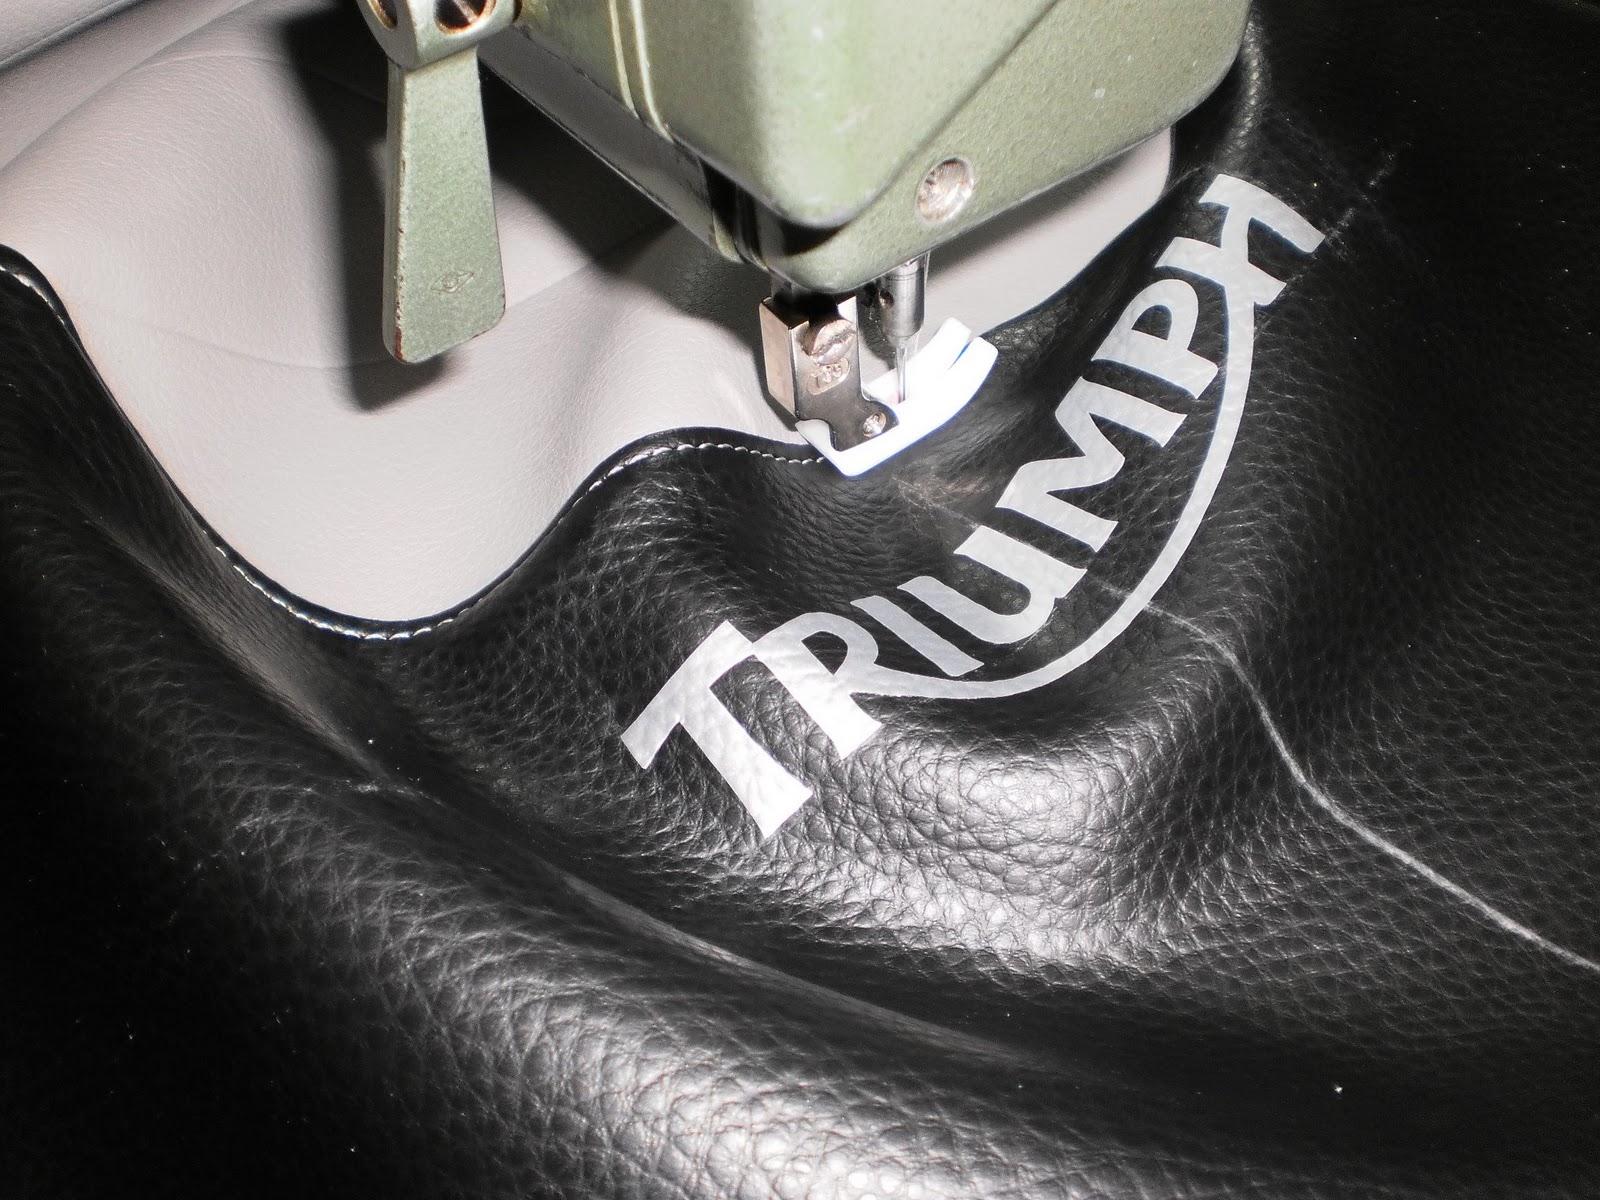 Tapizado retro del asiento de una triumph bonneville for Tapiceria de asientos de moto